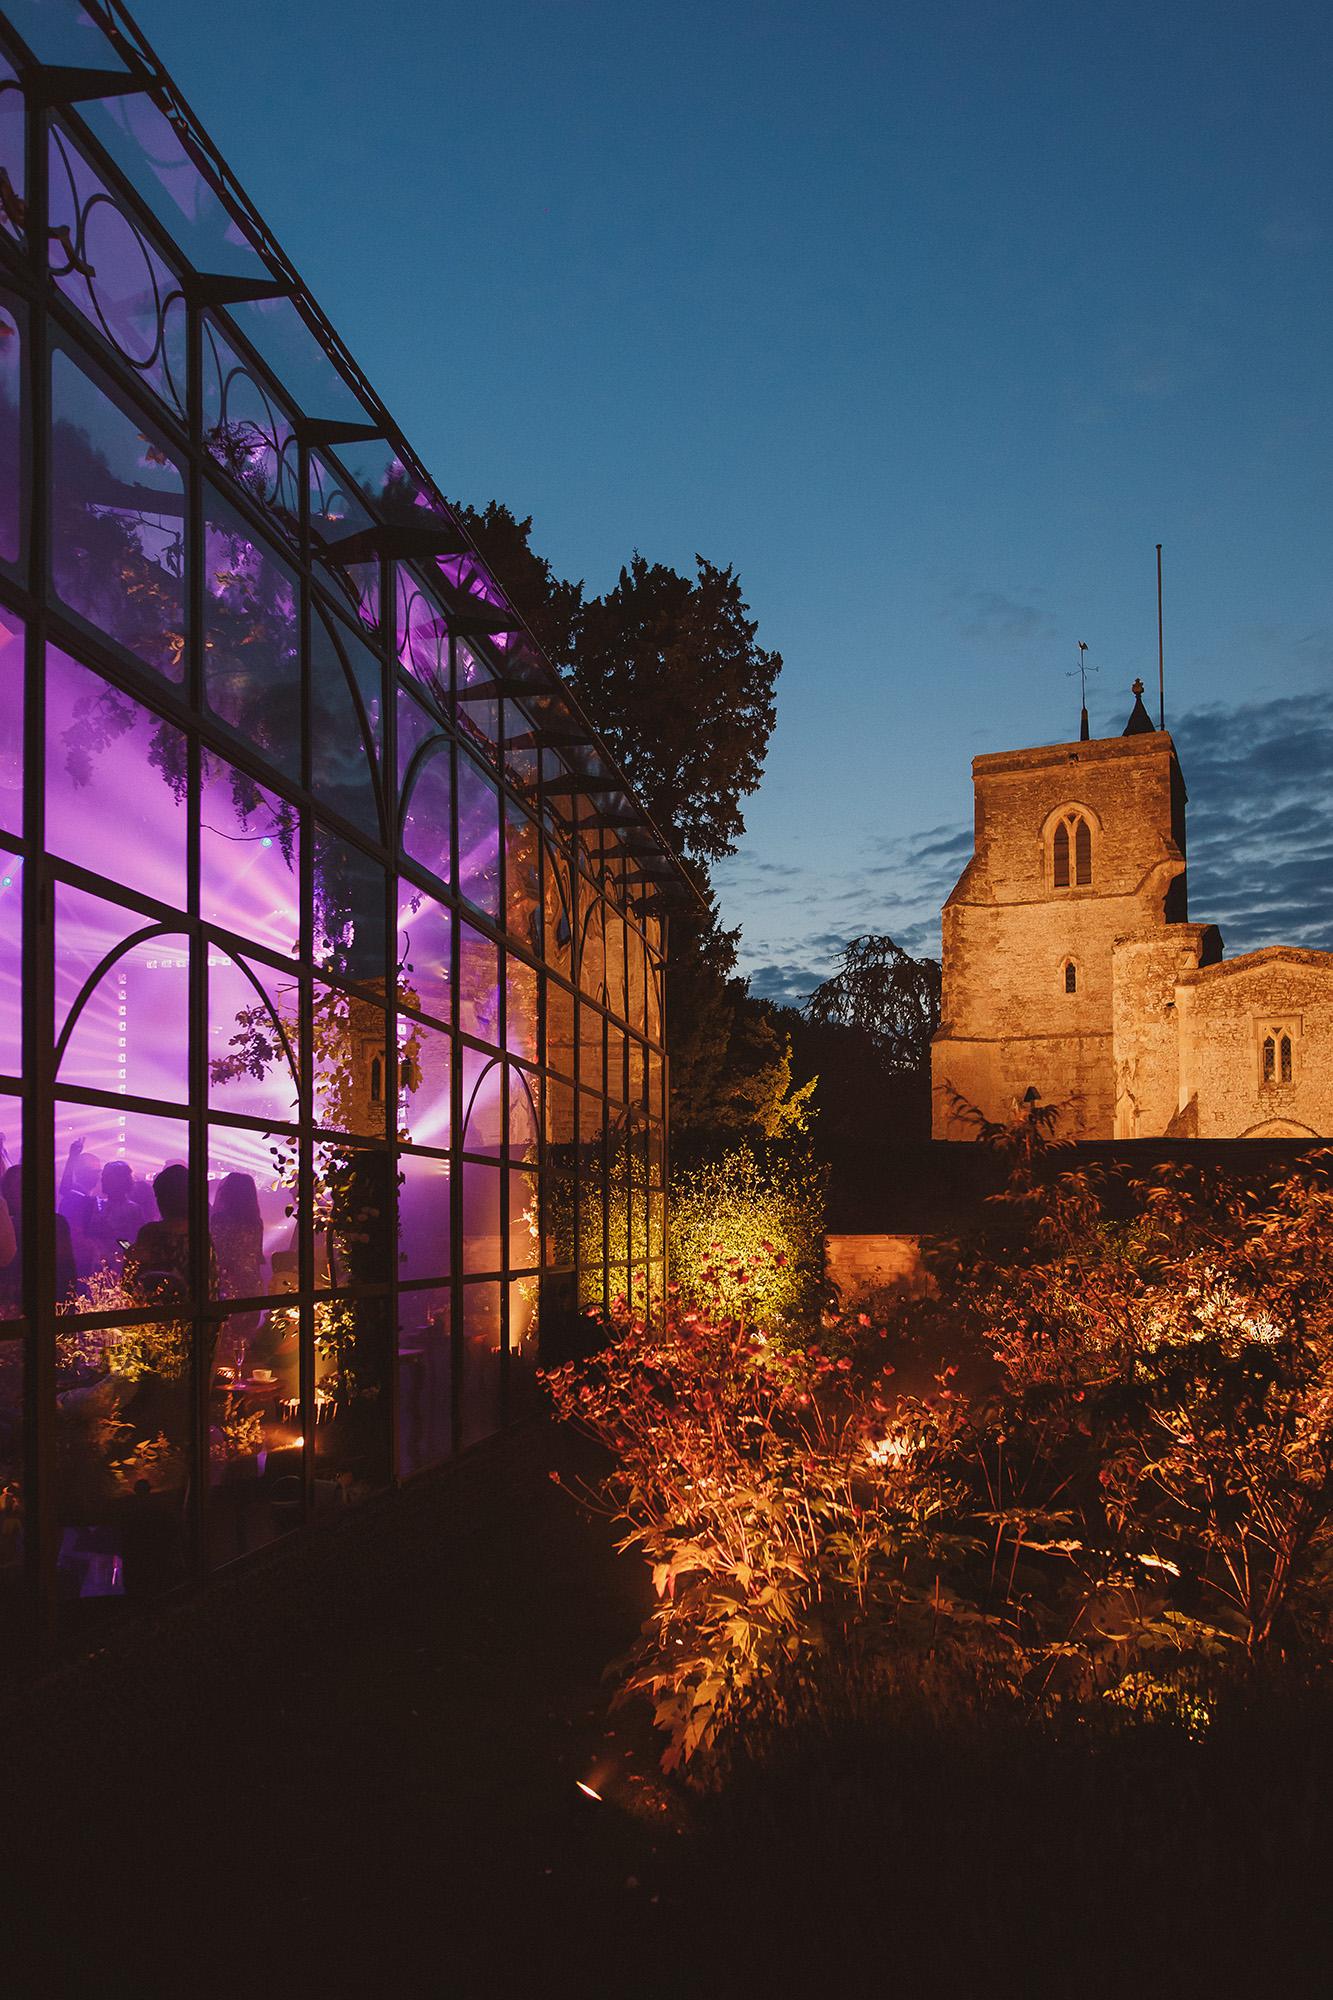 Belmond Le Manoir aux Quat Saisons lighted reception site - Oxfordshire, England - photo by Ed Peers